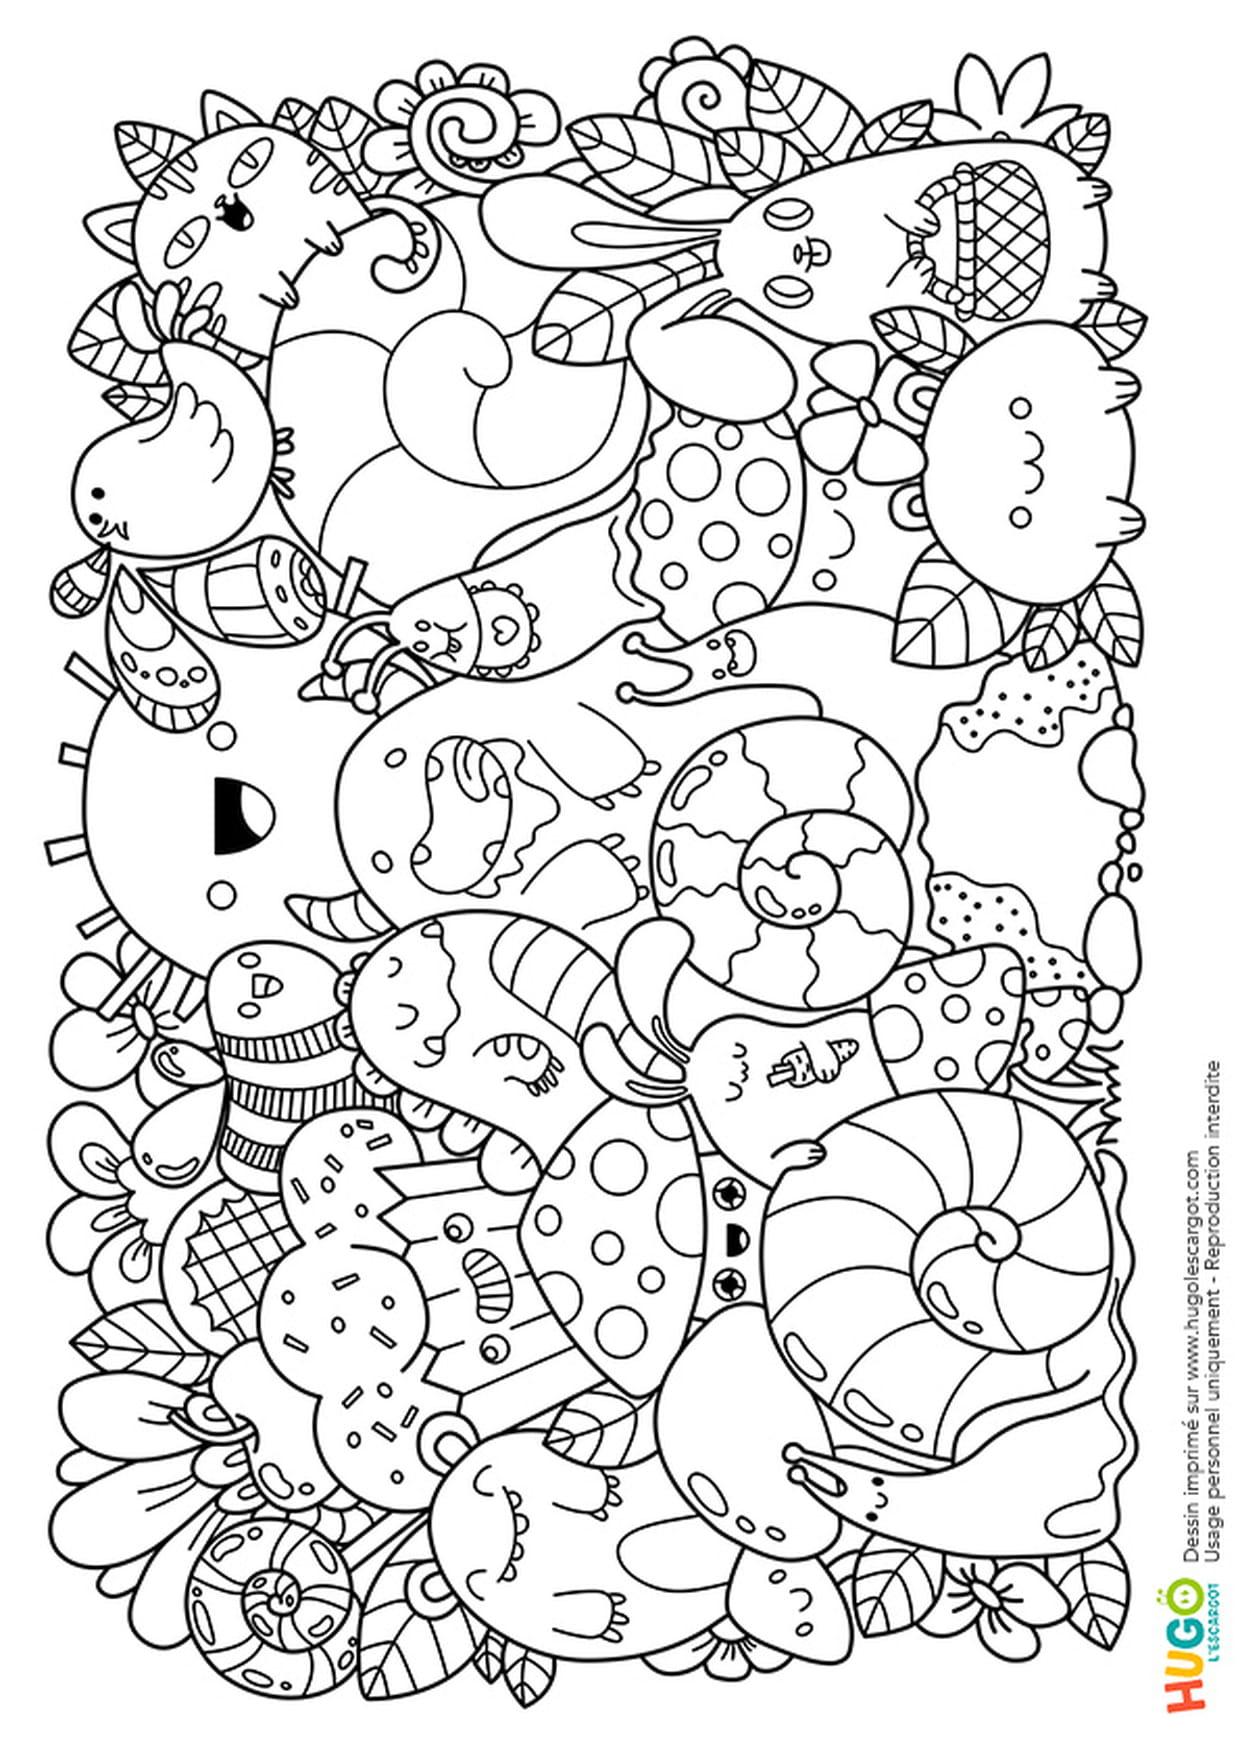 Coloriage Personnages Et Animaux Kawaii En Ligne Gratuit À concernant Coloriage Manga Kawaii